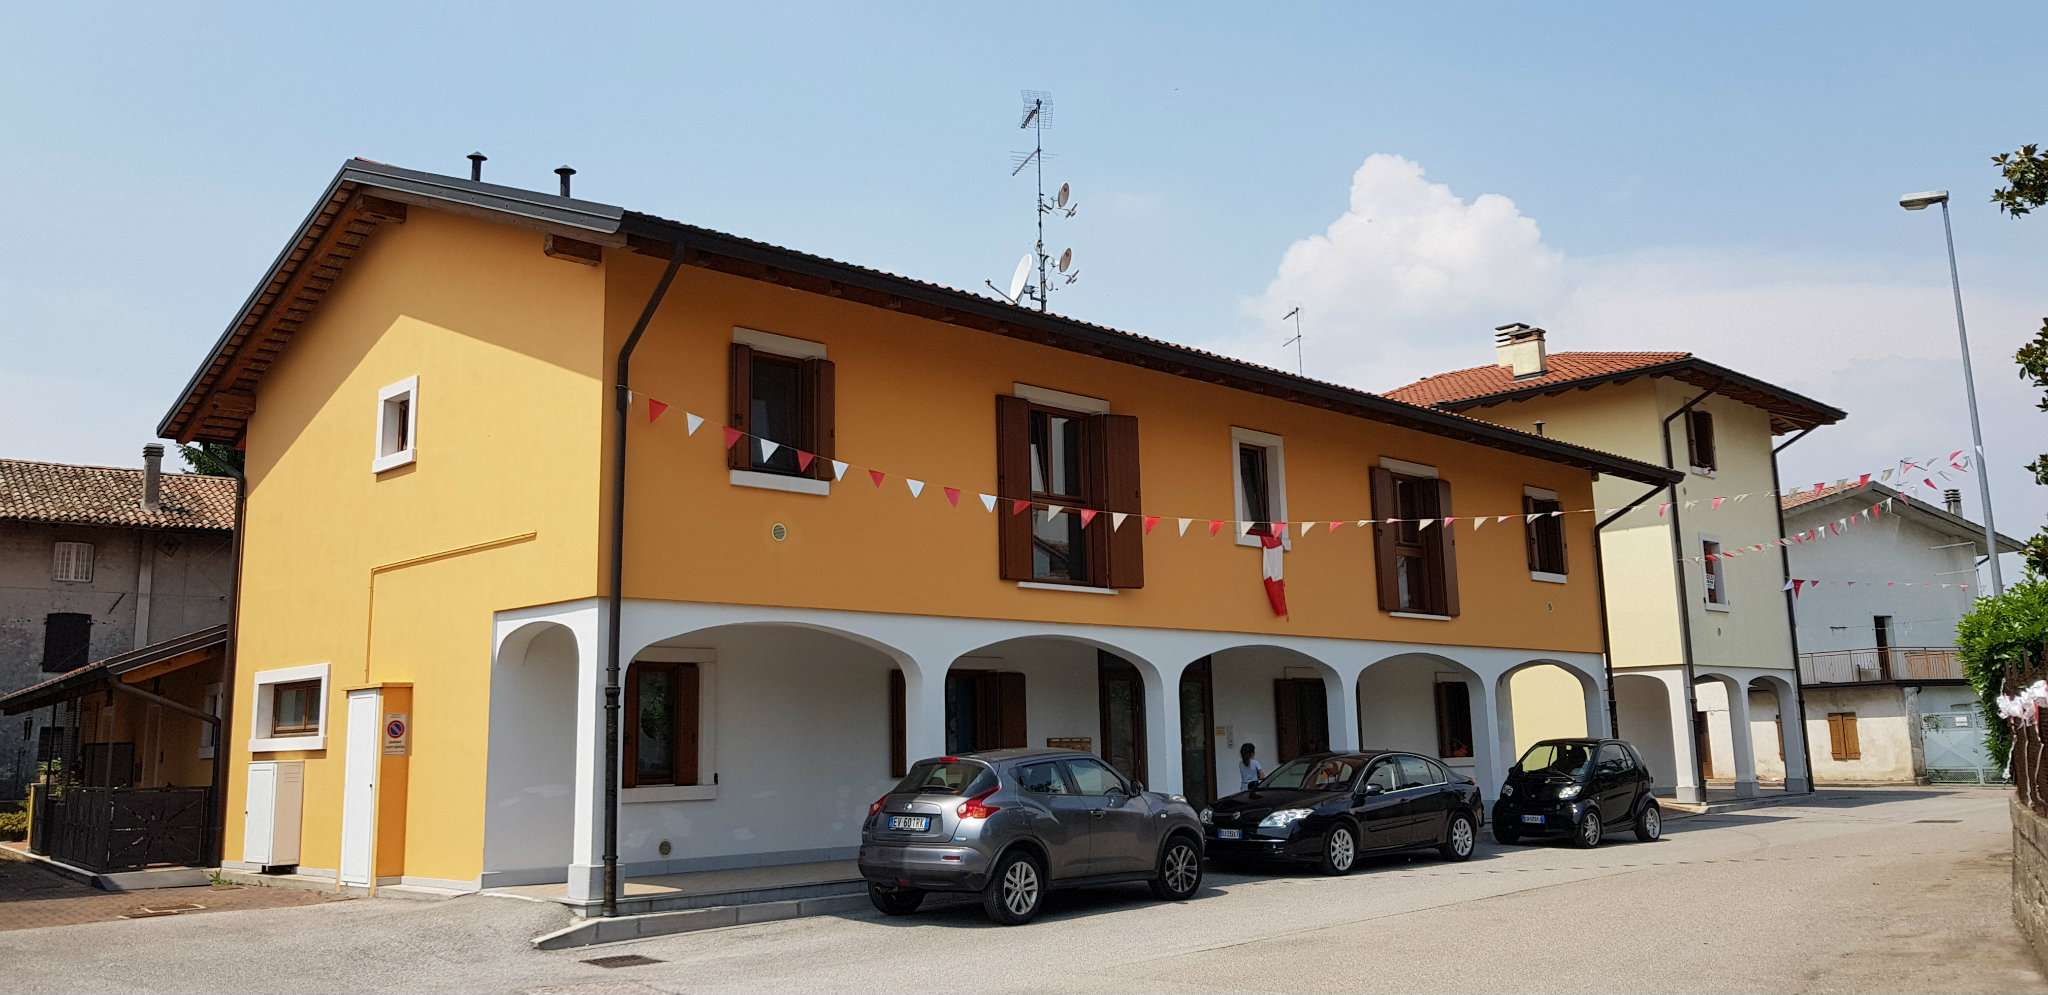 Appartamento in vendita a Premariacco, 3 locali, prezzo € 90.000 | CambioCasa.it